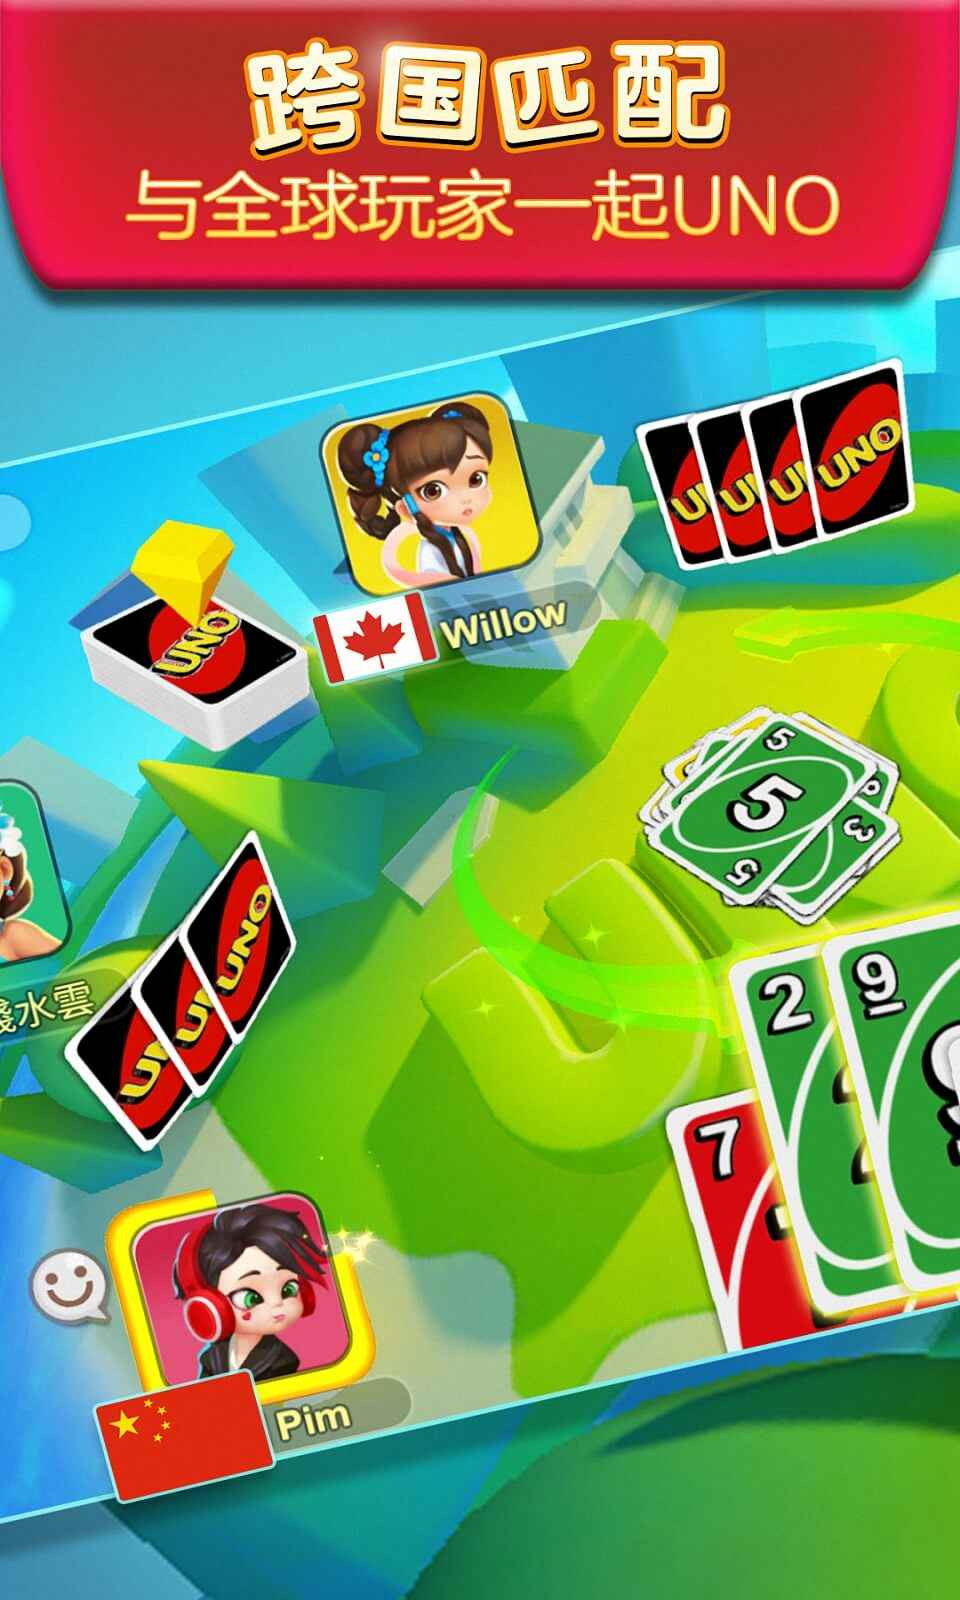 手机游戏通用版_一起优诺_安卓手机游戏免费版下载_7723手机游戏